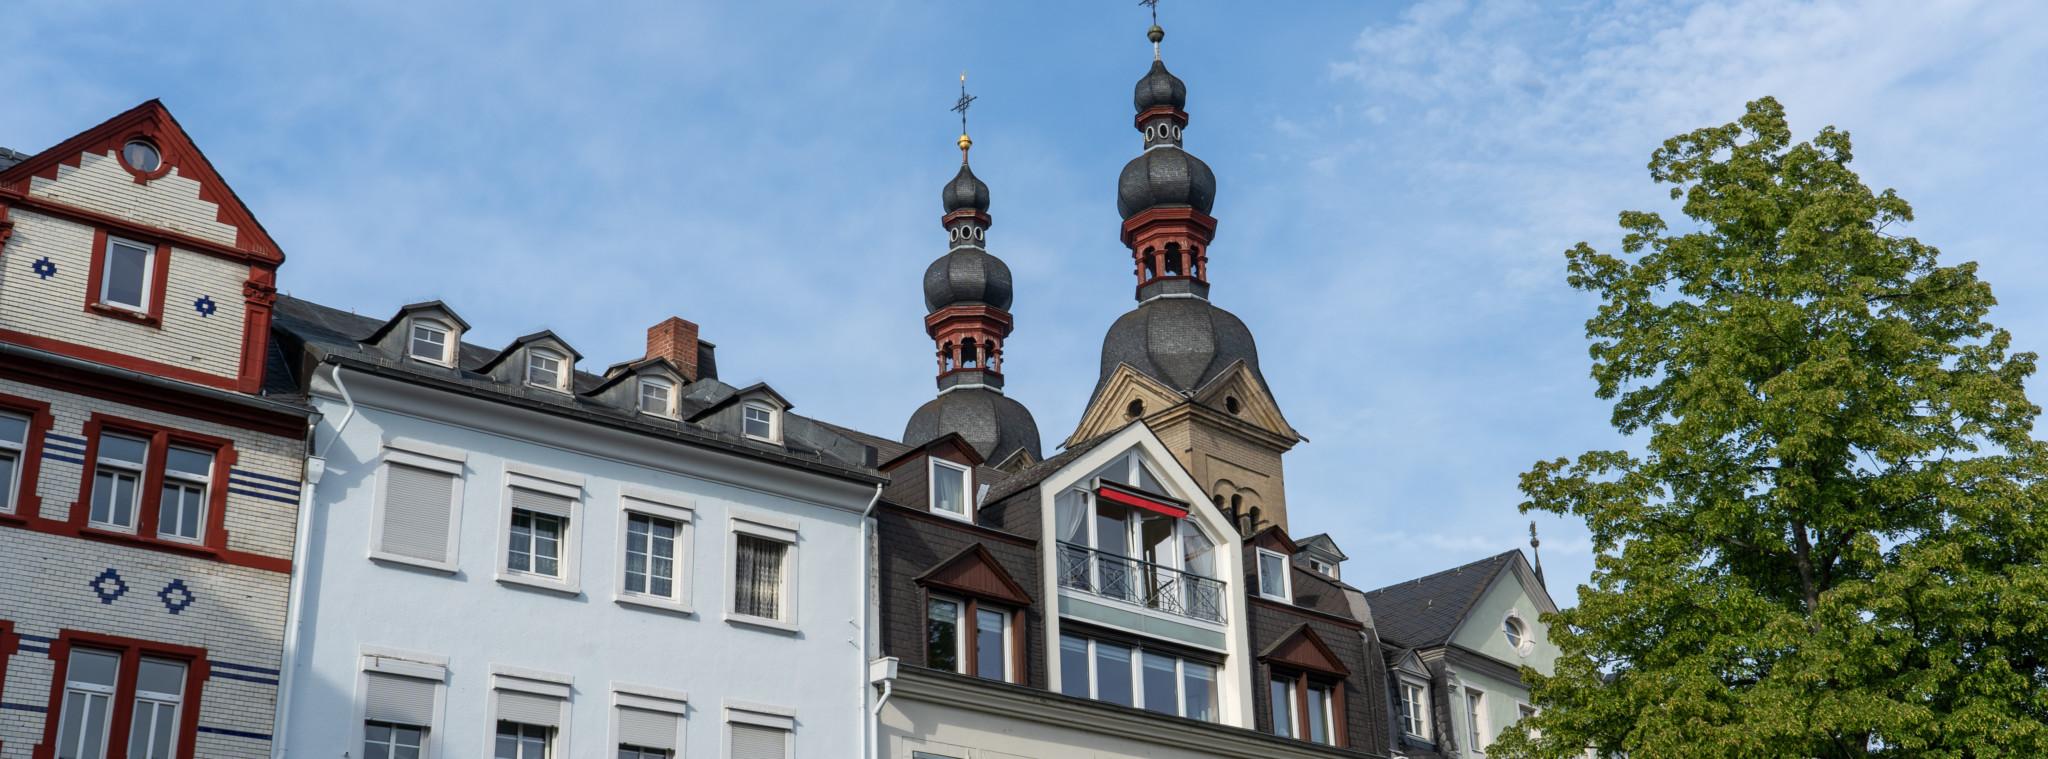 Altstadt von Koblenz